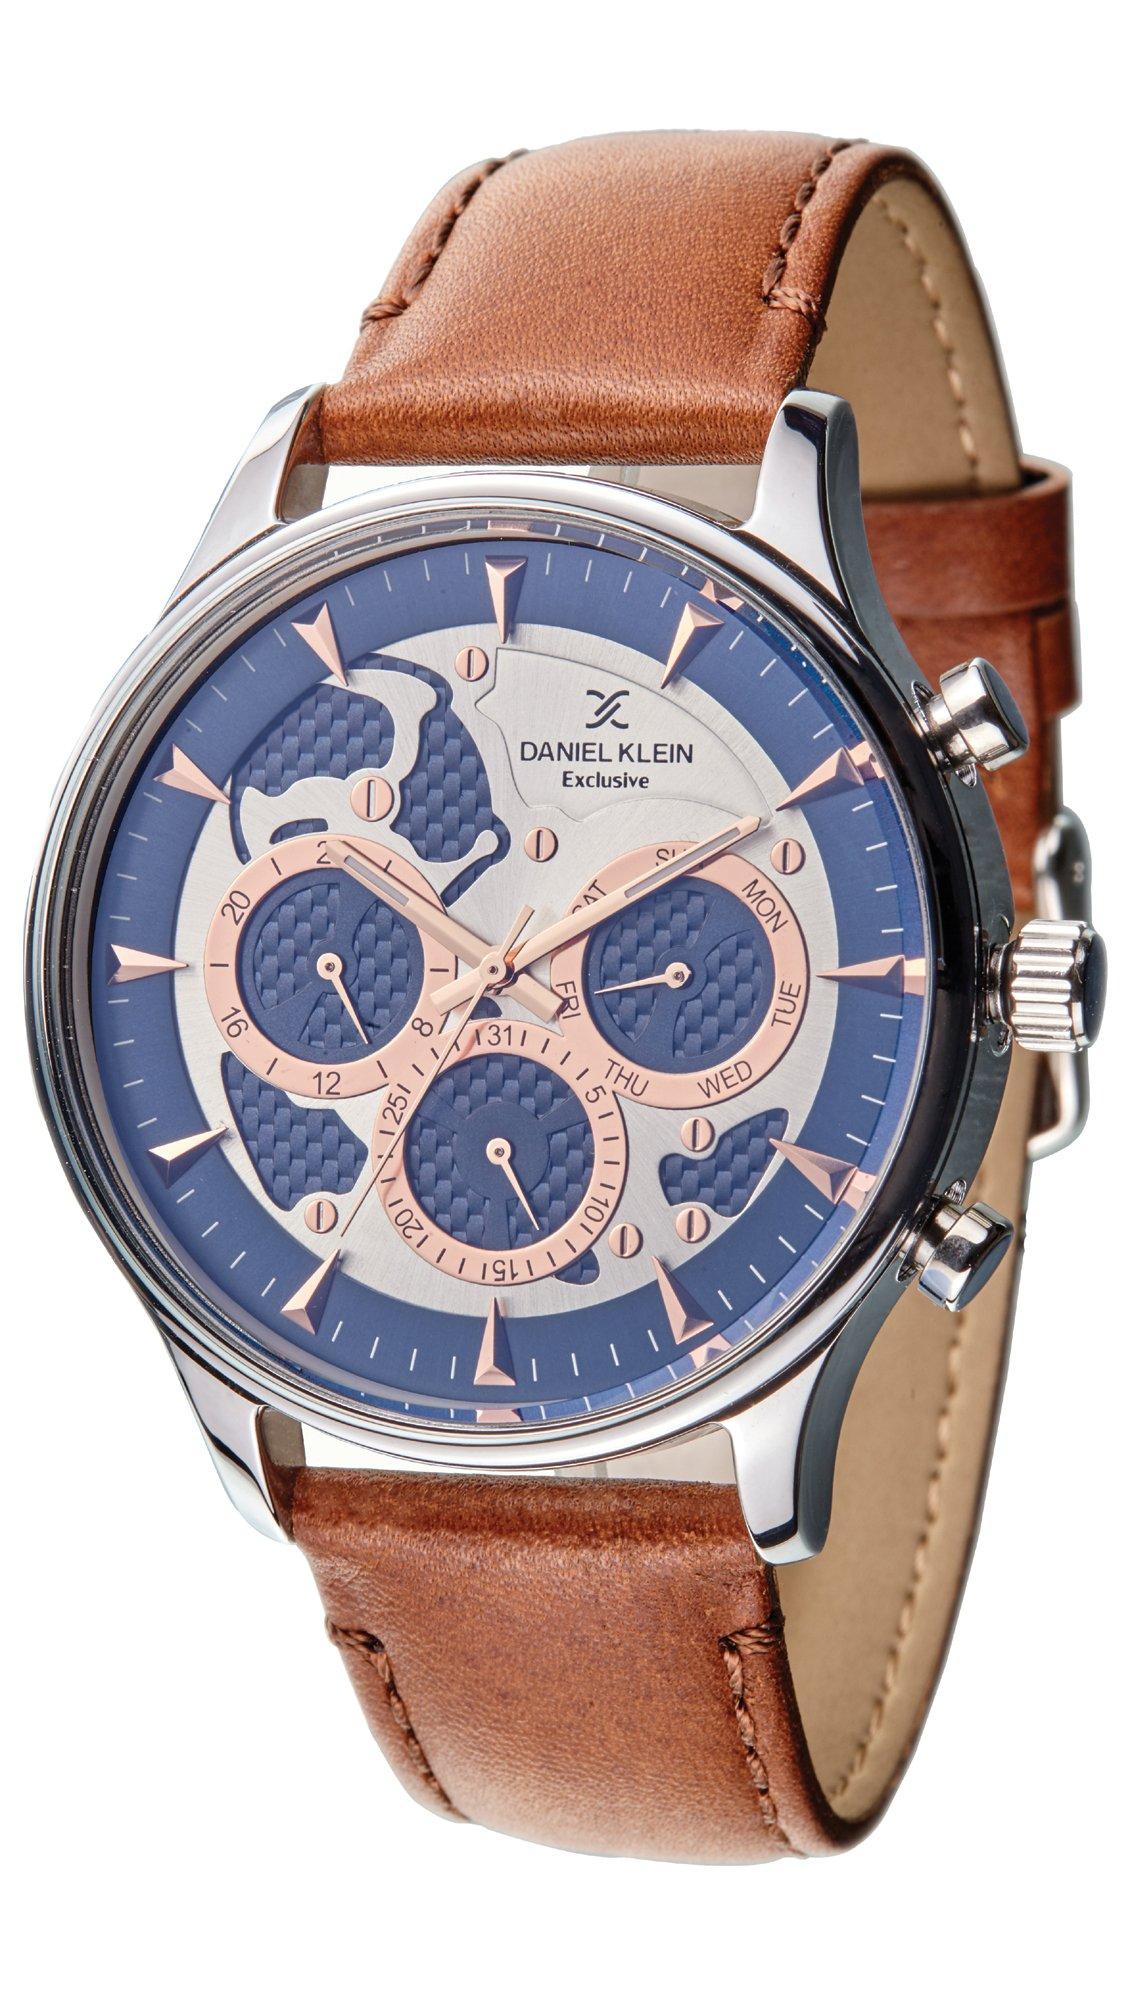 Ρολόι Daniel Klein Exclusive πολλαπλών ενδείξεων με καφέ λουράκι DK11420-2 f6aca26dfb5